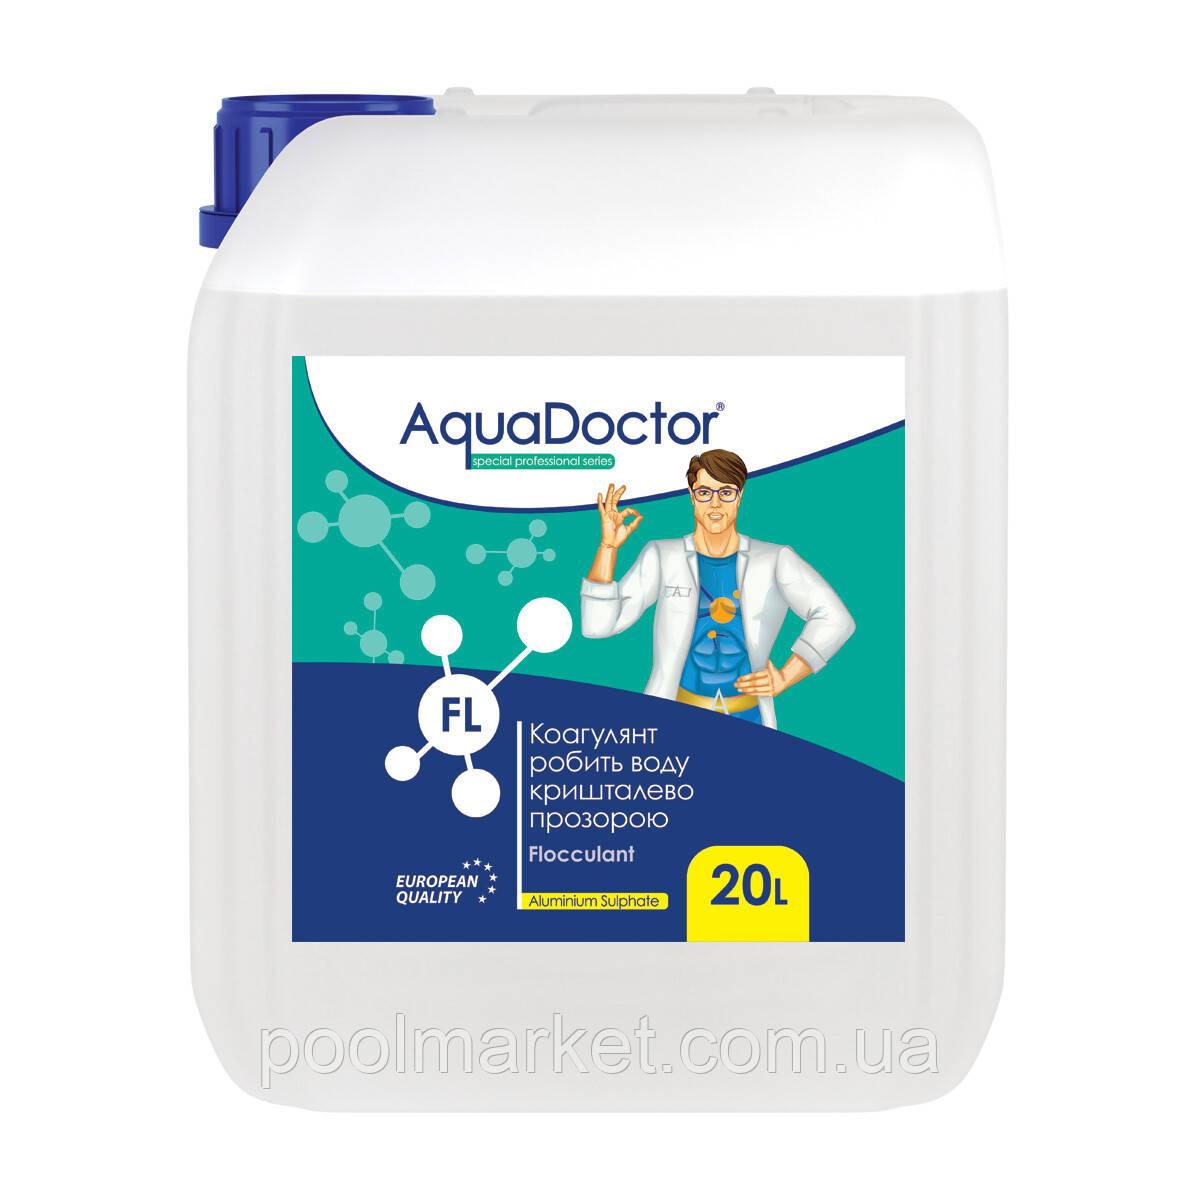 AquaDoctor FL 20л жидкое коагулирующее средство